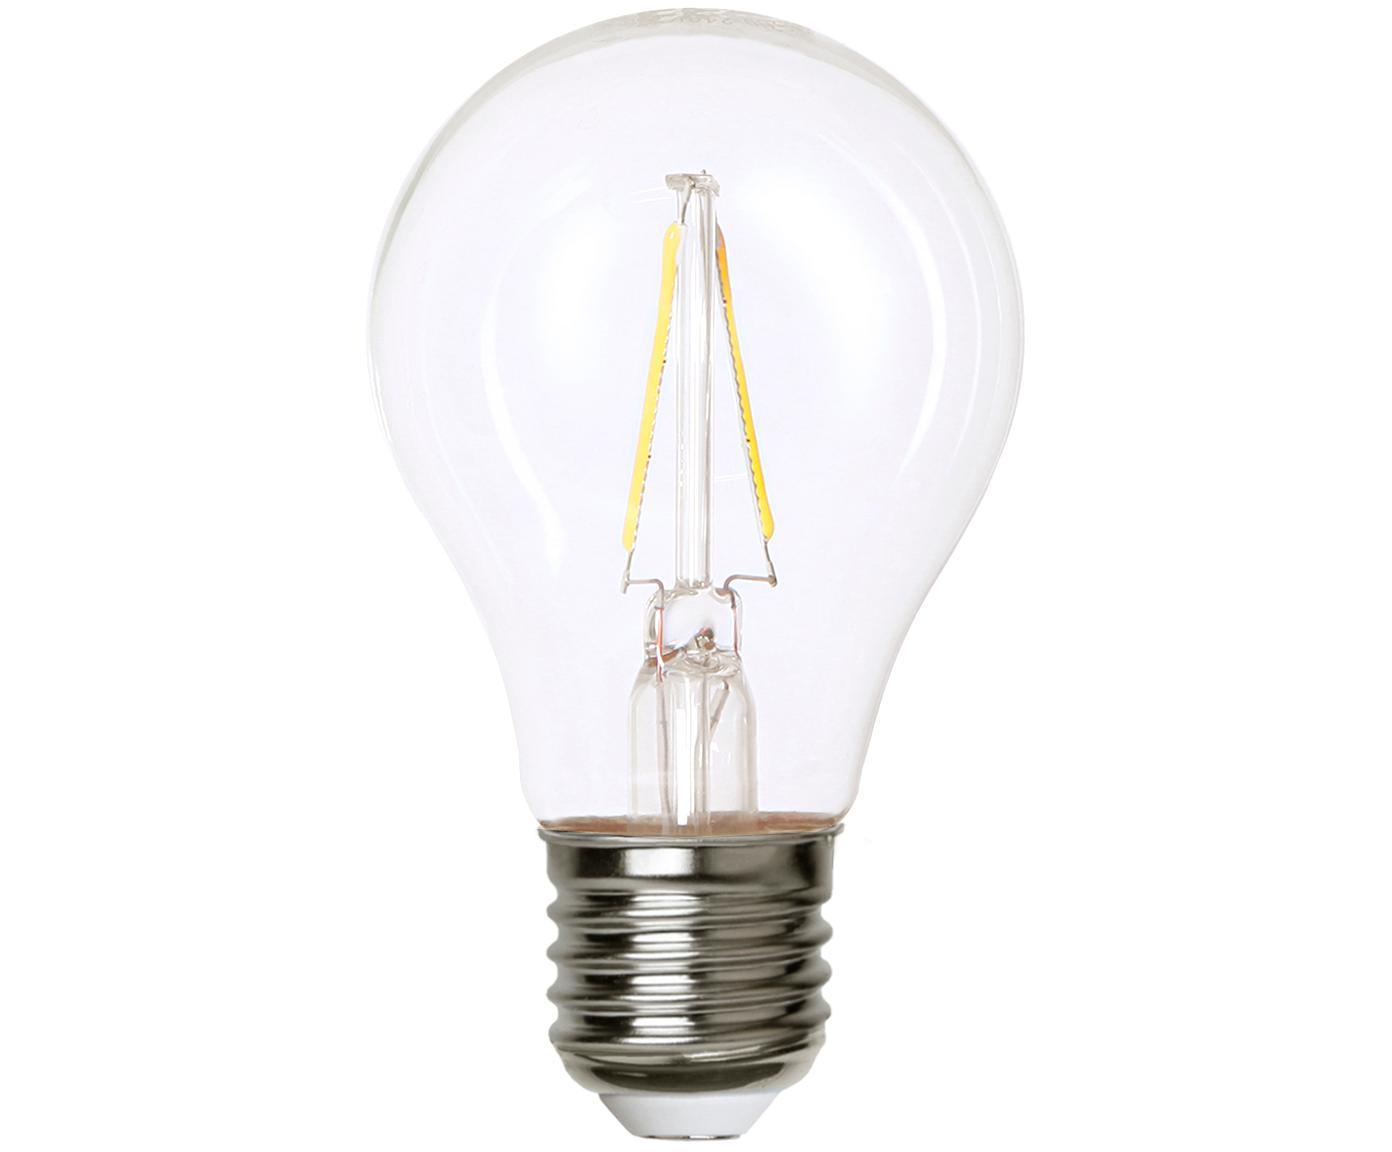 Żarówka LED Airtight Two (E27/2W), Transparentny, nikiel, Ø 6 x W 11 cm